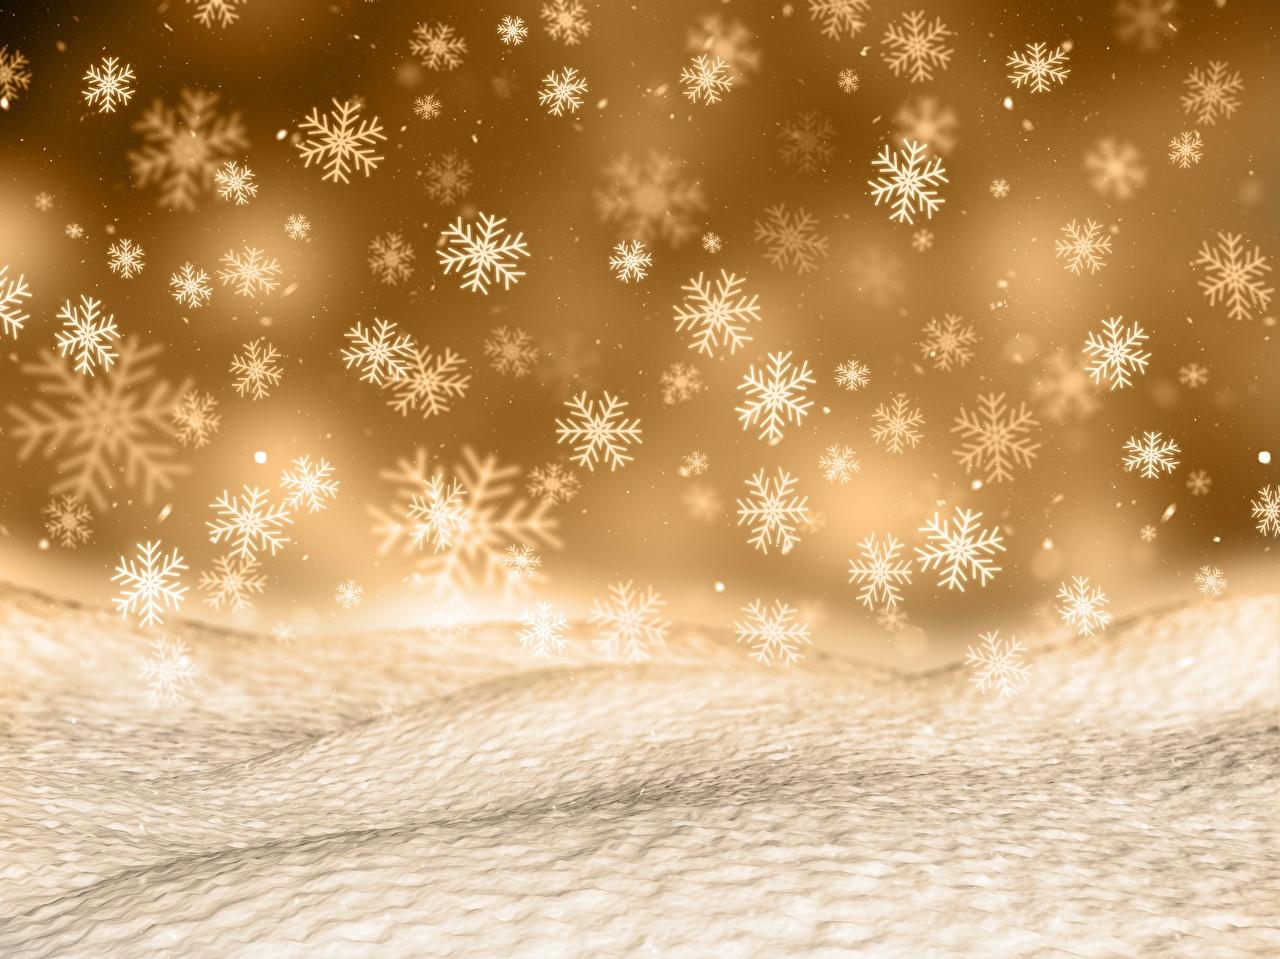 Фото Текстура Рождество снежинка Новый год Снежинки